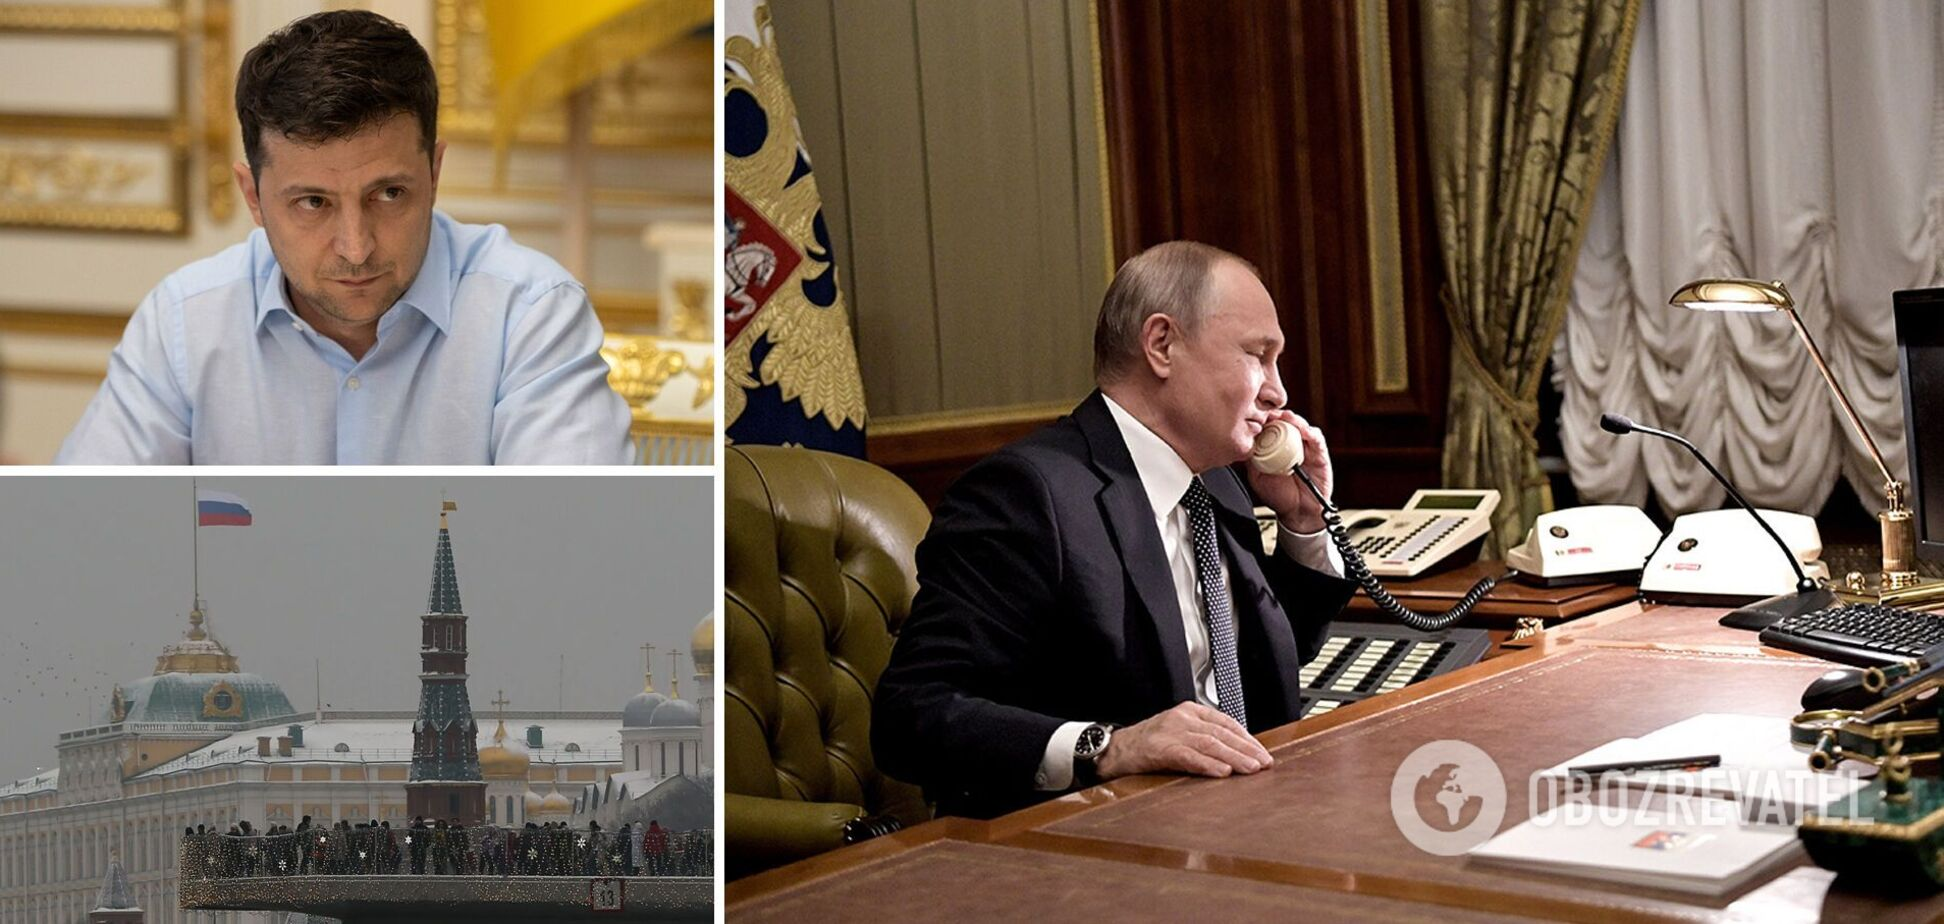 Російський президент Володимир Путін може бути більше налаштований на переговори з українськими олігархами, ніж з українською владою